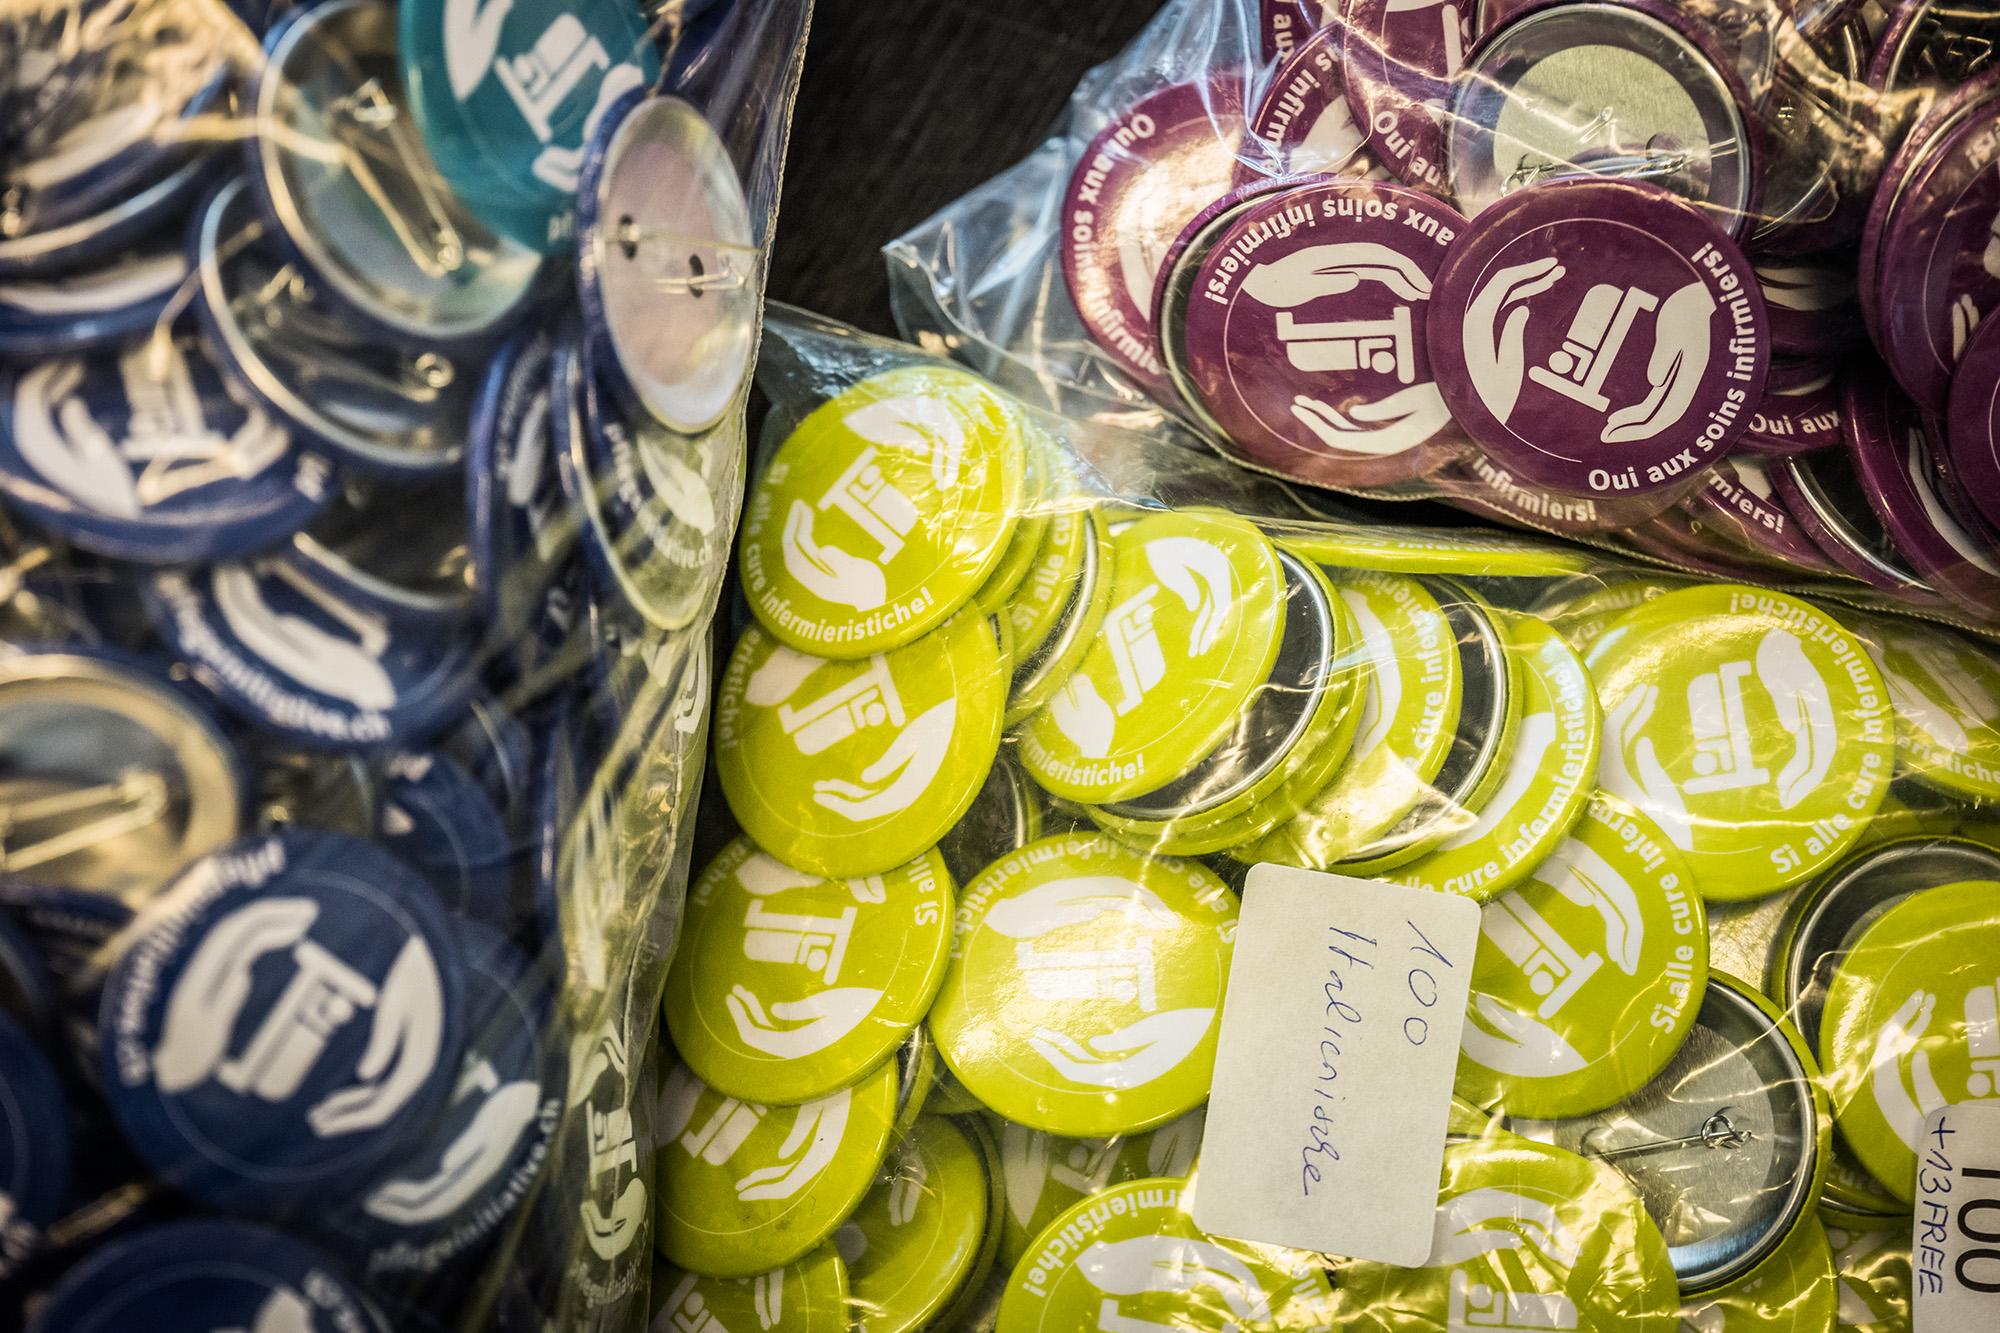 buttons designed by 720 grad werbeagentur schaffhausen bei zürich